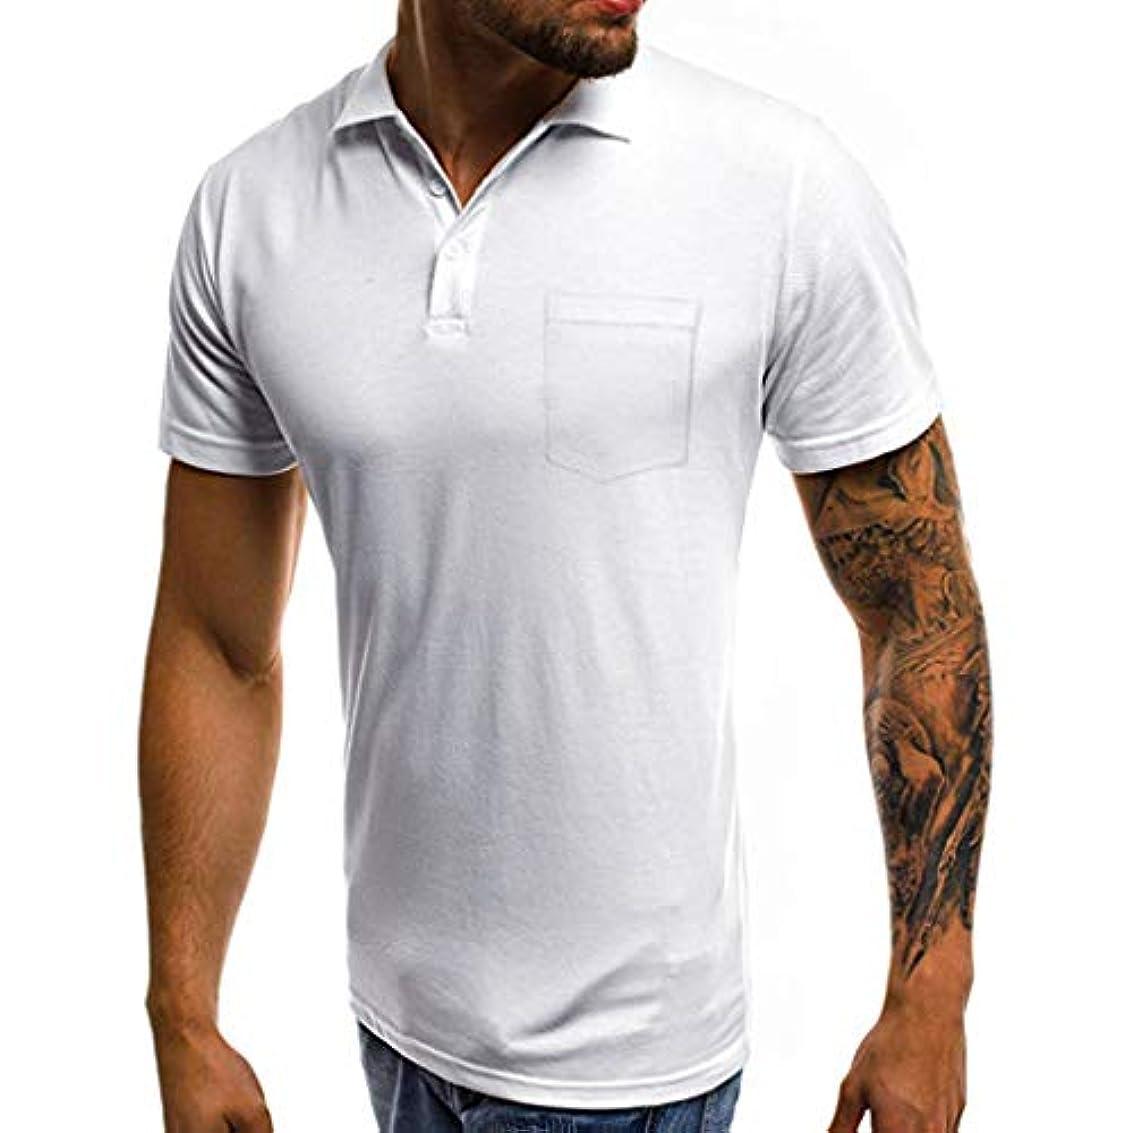 グローブアンソロジー昇るGINNTOKI tシャツ メンズ カジュアル スリム 半袖 ポケット ボタンTシャツ トップ ブラウス ラペルポケット半袖 キャップなし ファッションメンズ (ホワイト, M)